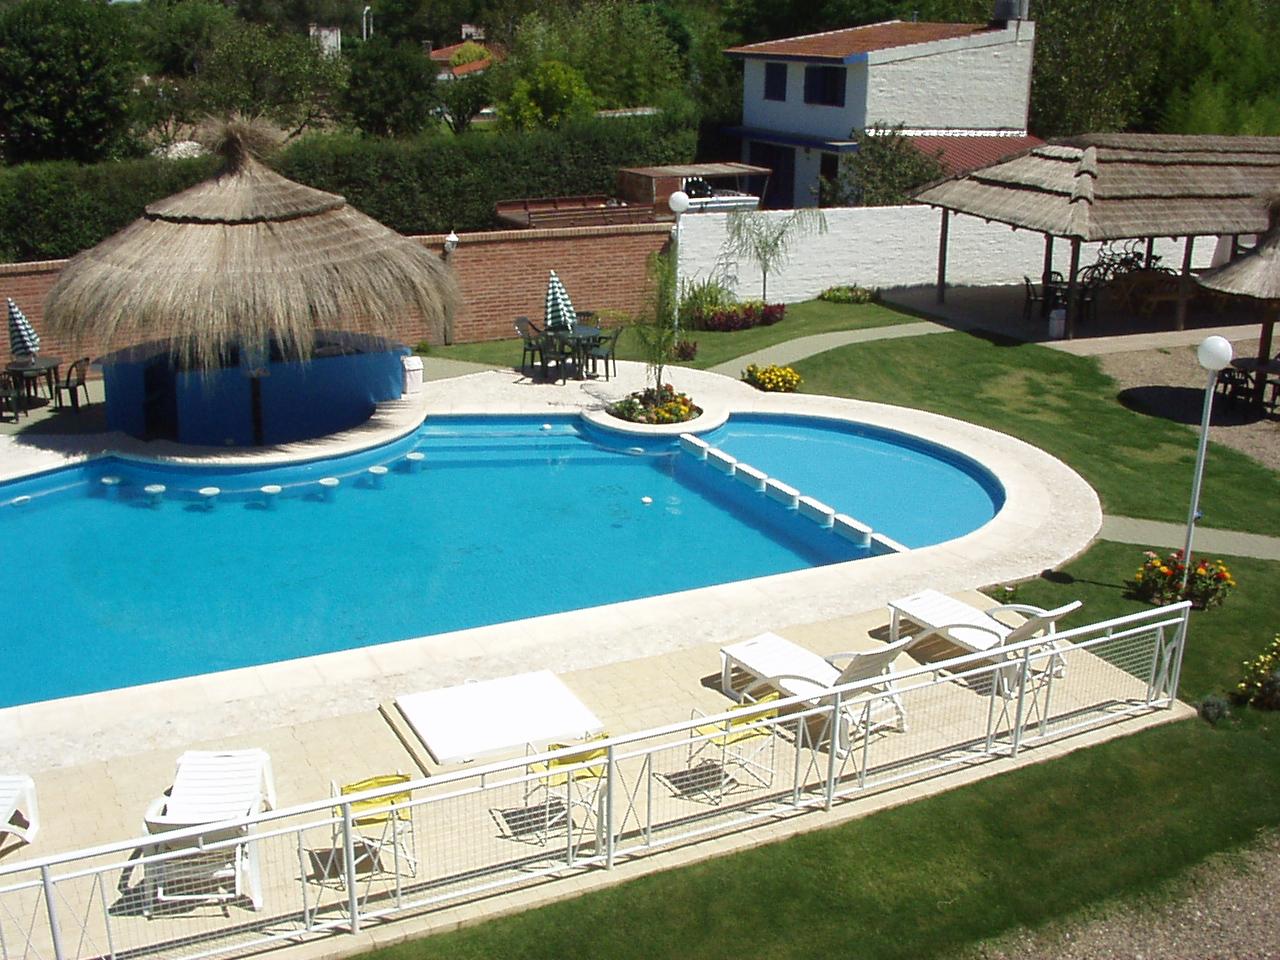 hidrorumipal piscinas: piscina el portal de la villa